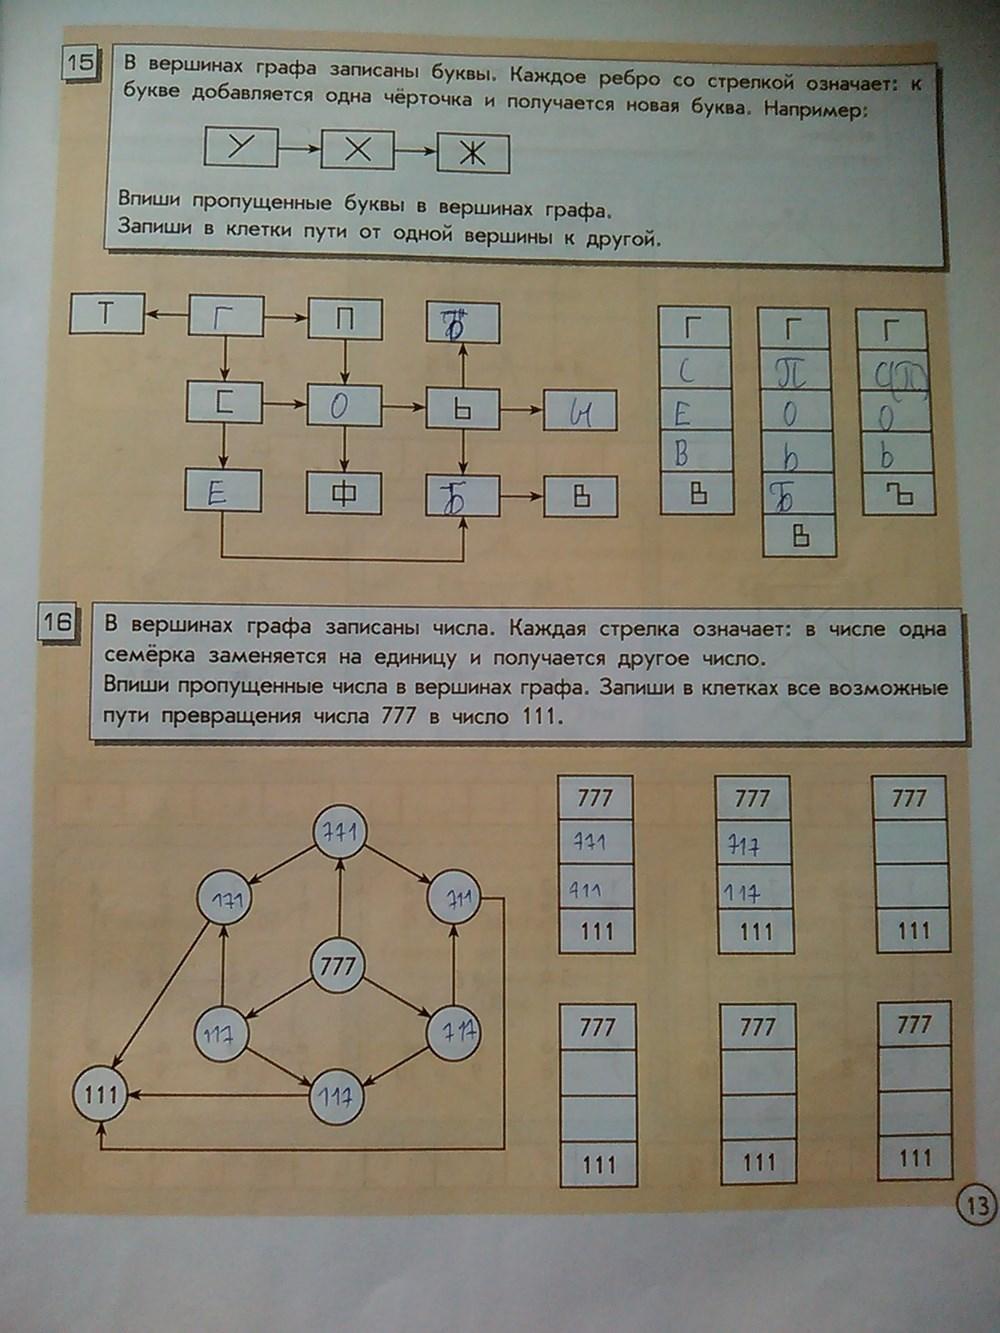 Горячев, класс по 2 часть горина 4 информатике гдз